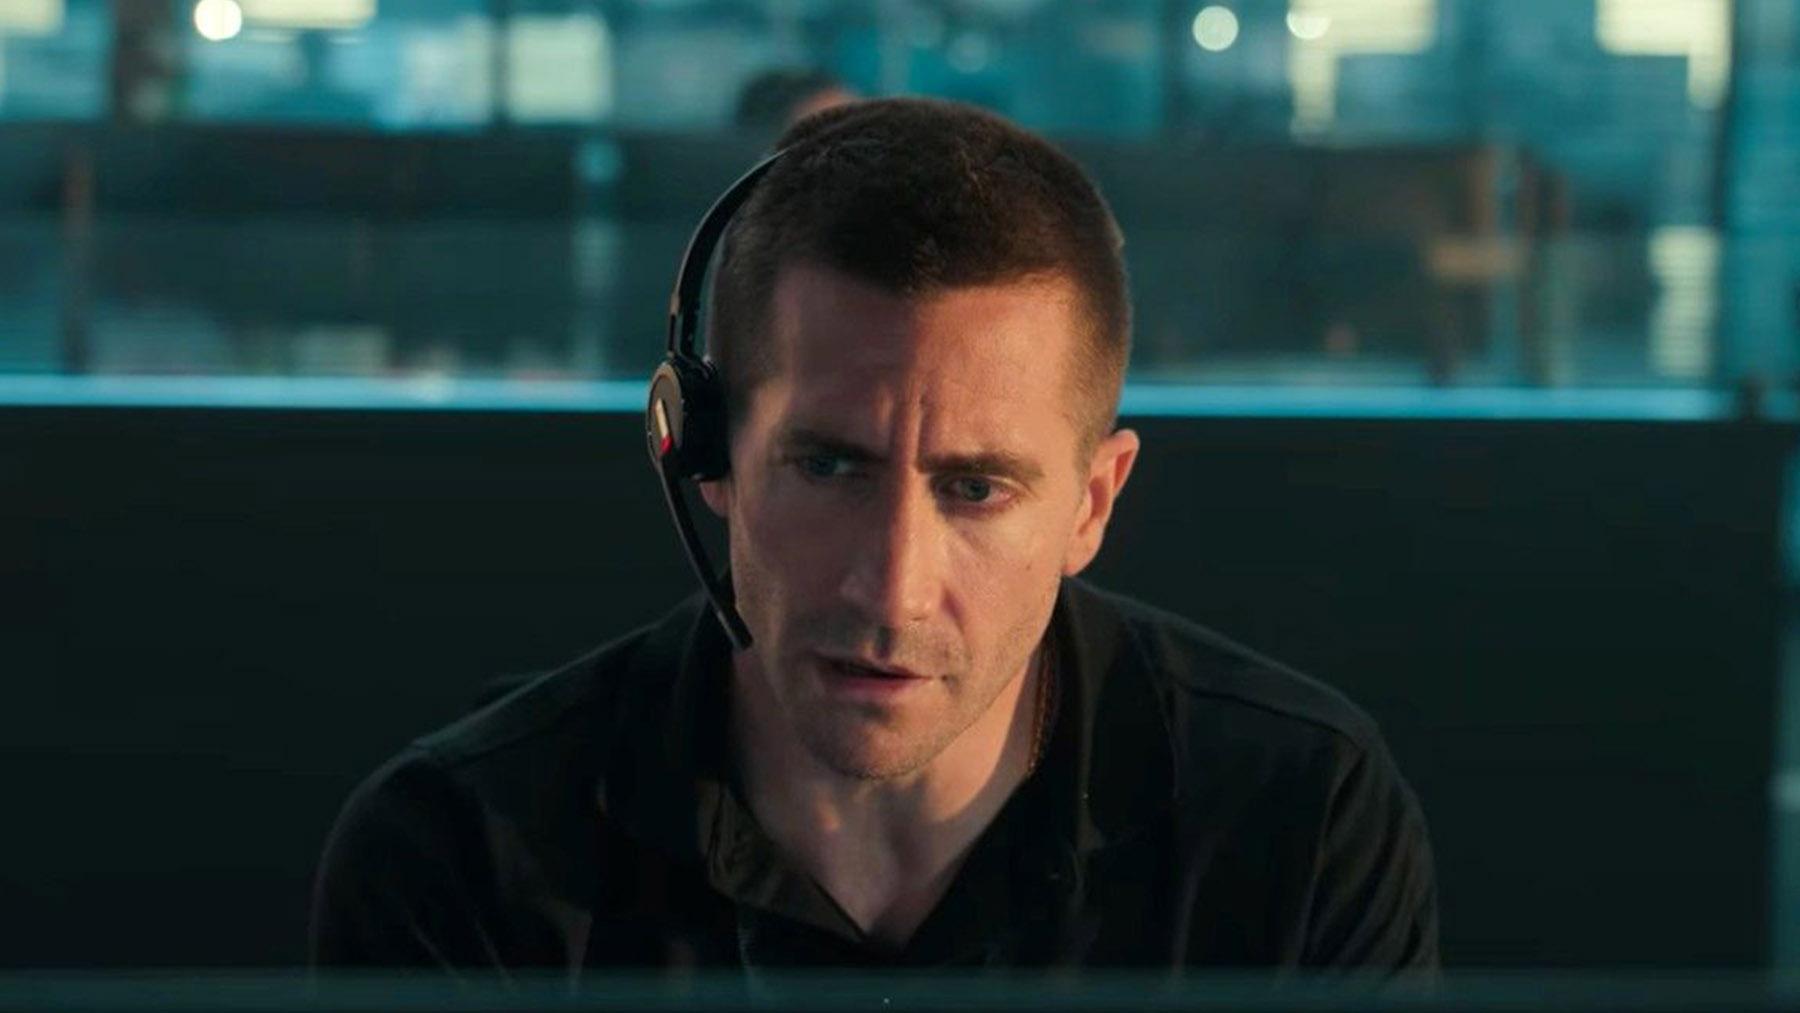 «Culpable» de Jake Gylenhall es uno de los estrenos destacados de Netflix en octubre